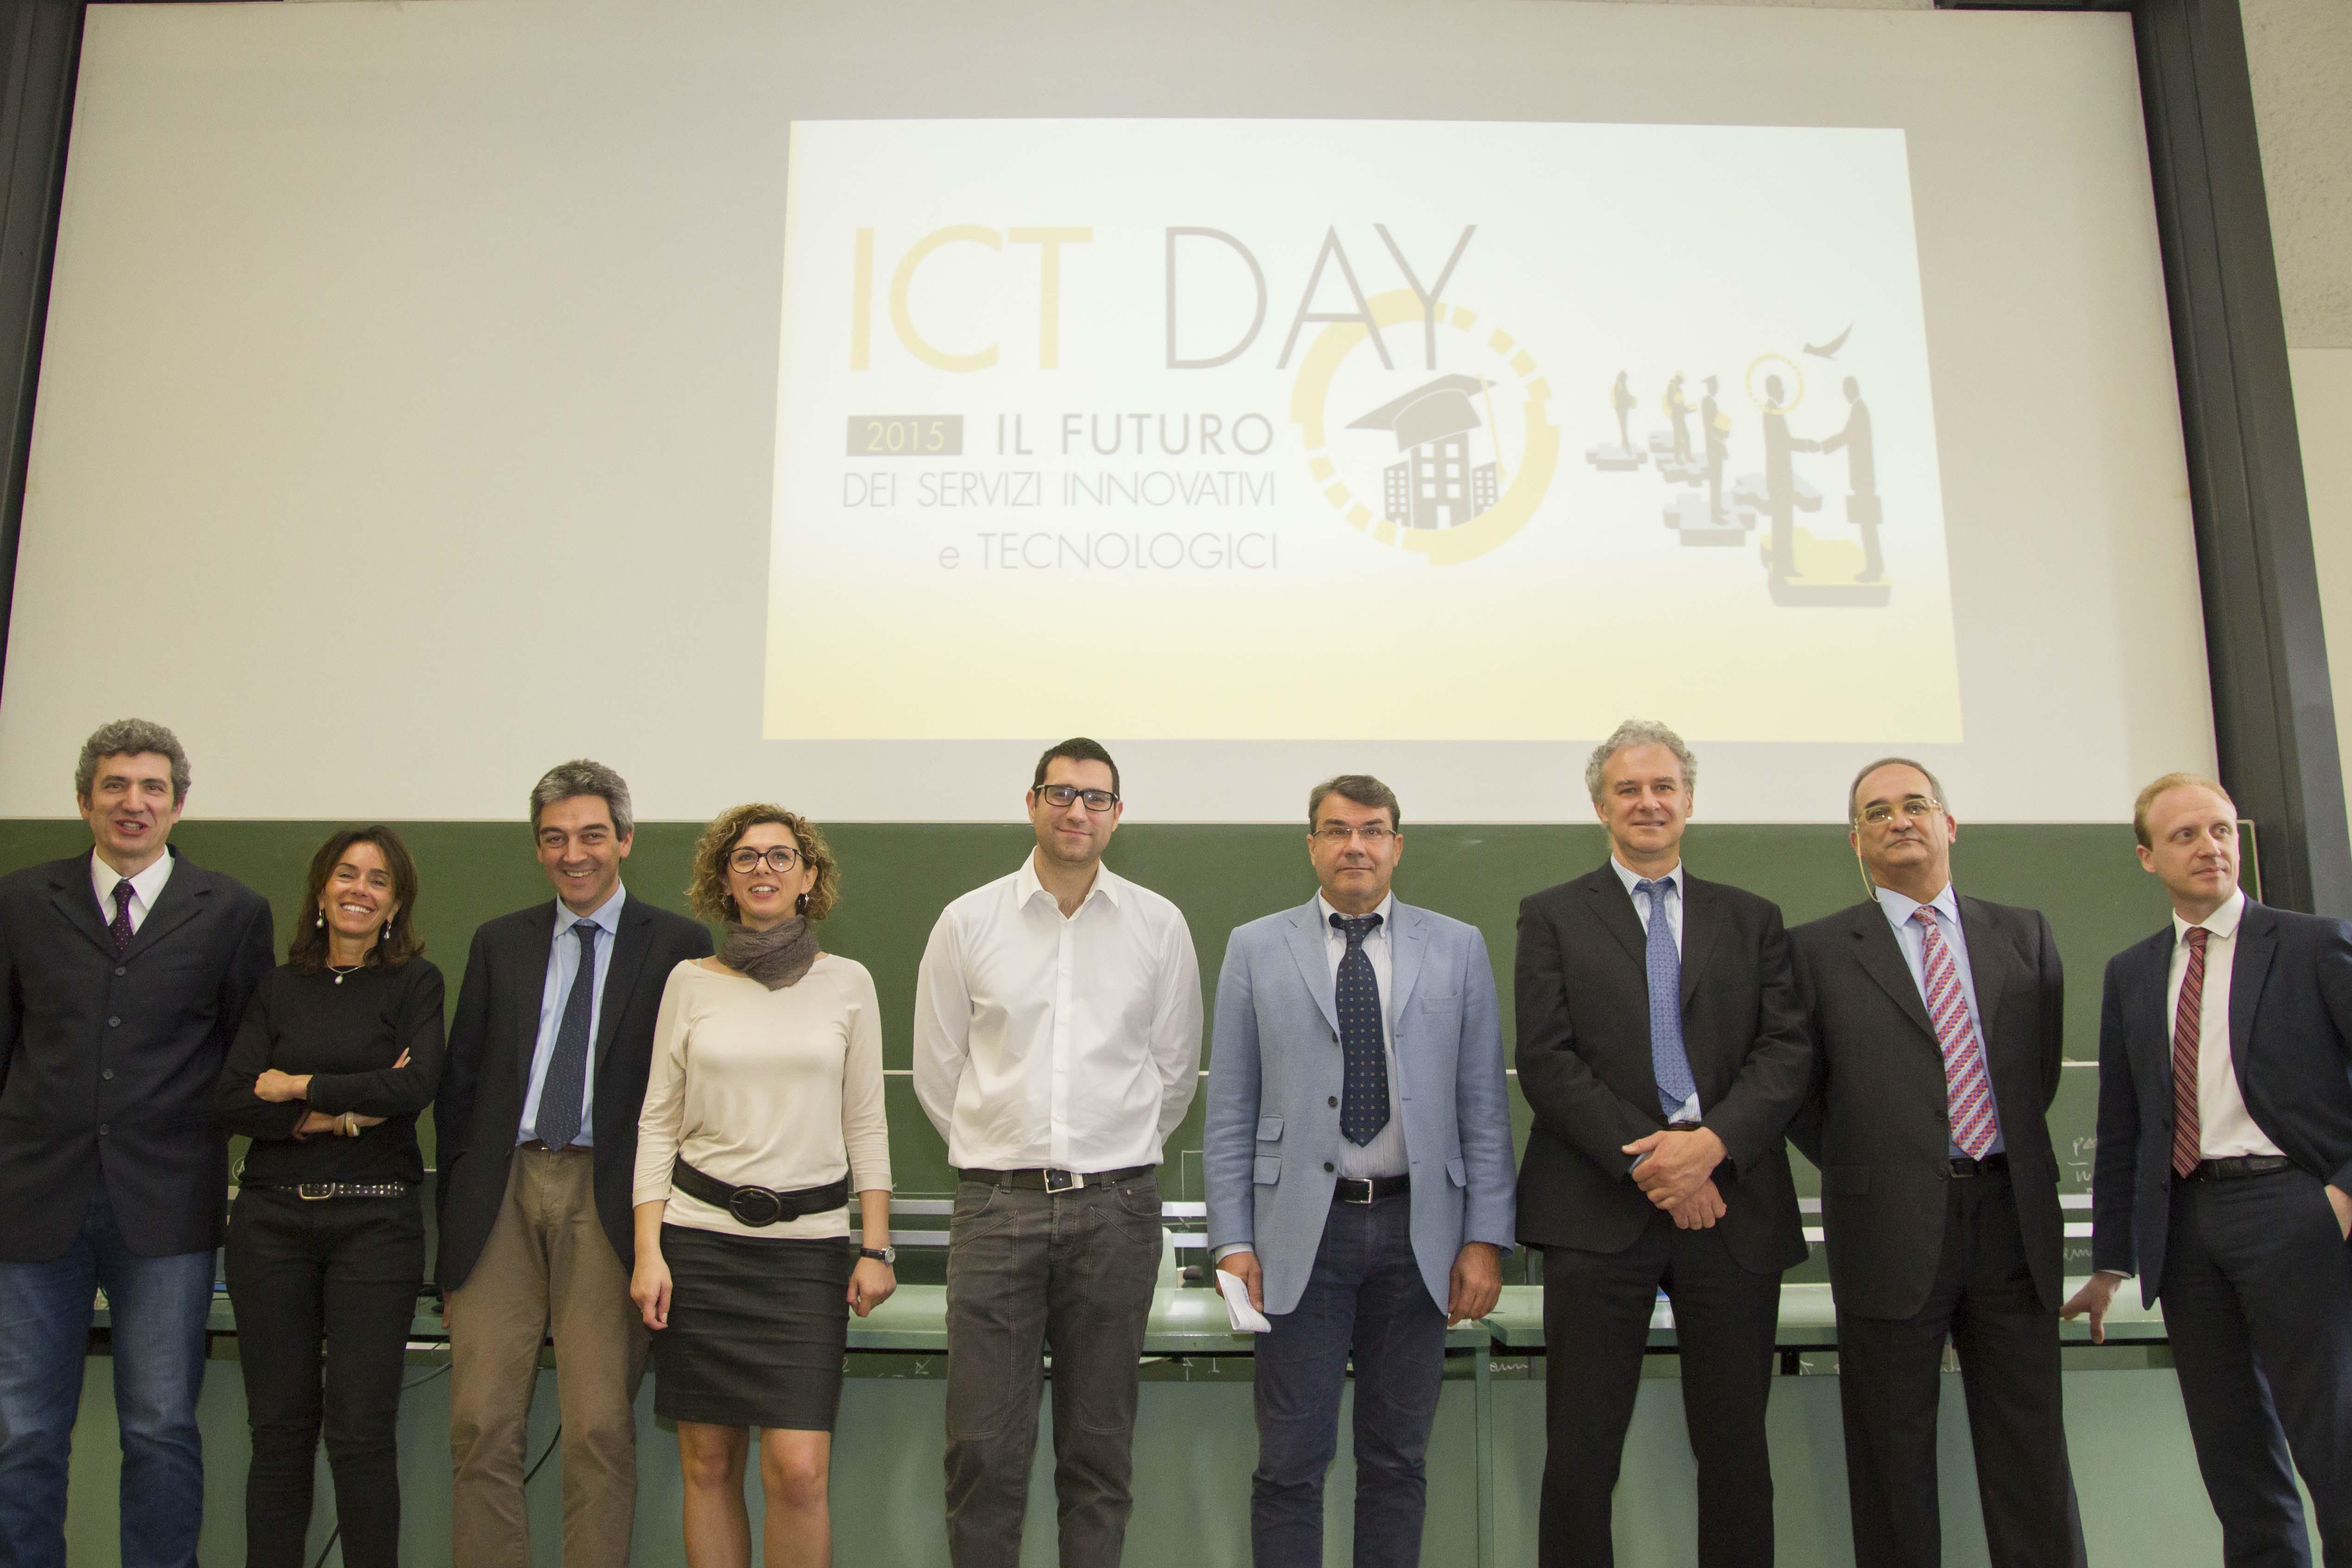 ICT DAY 2015 articolo